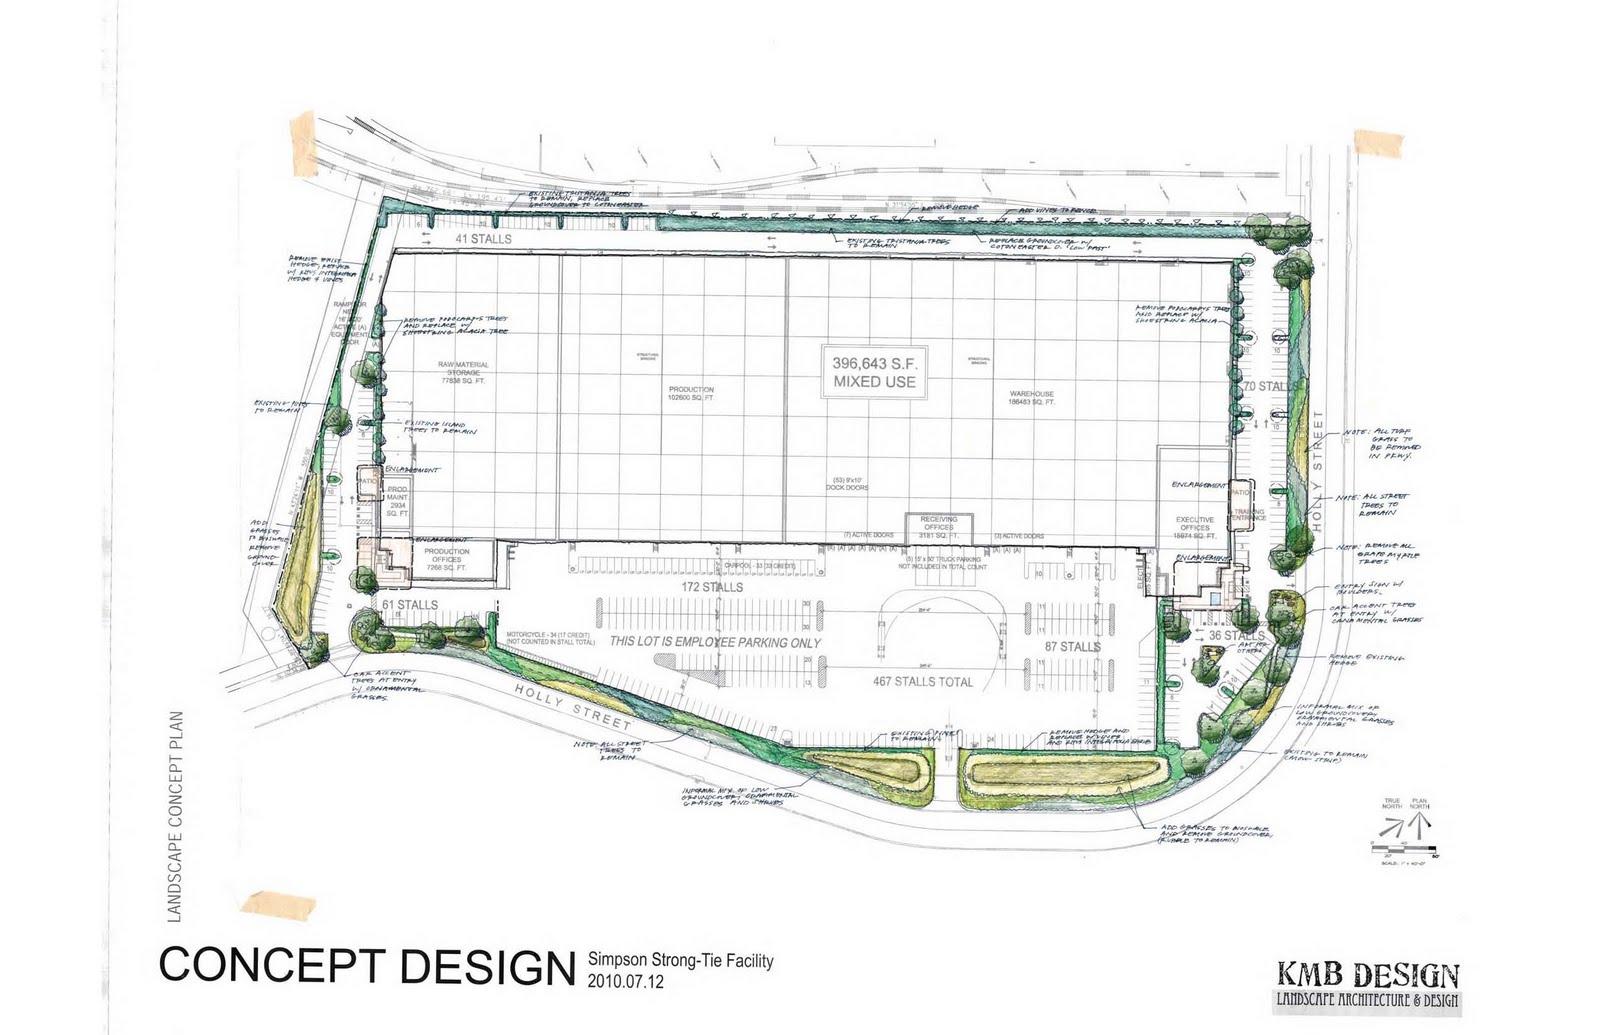 kmb design landscape redesign for leed. Black Bedroom Furniture Sets. Home Design Ideas